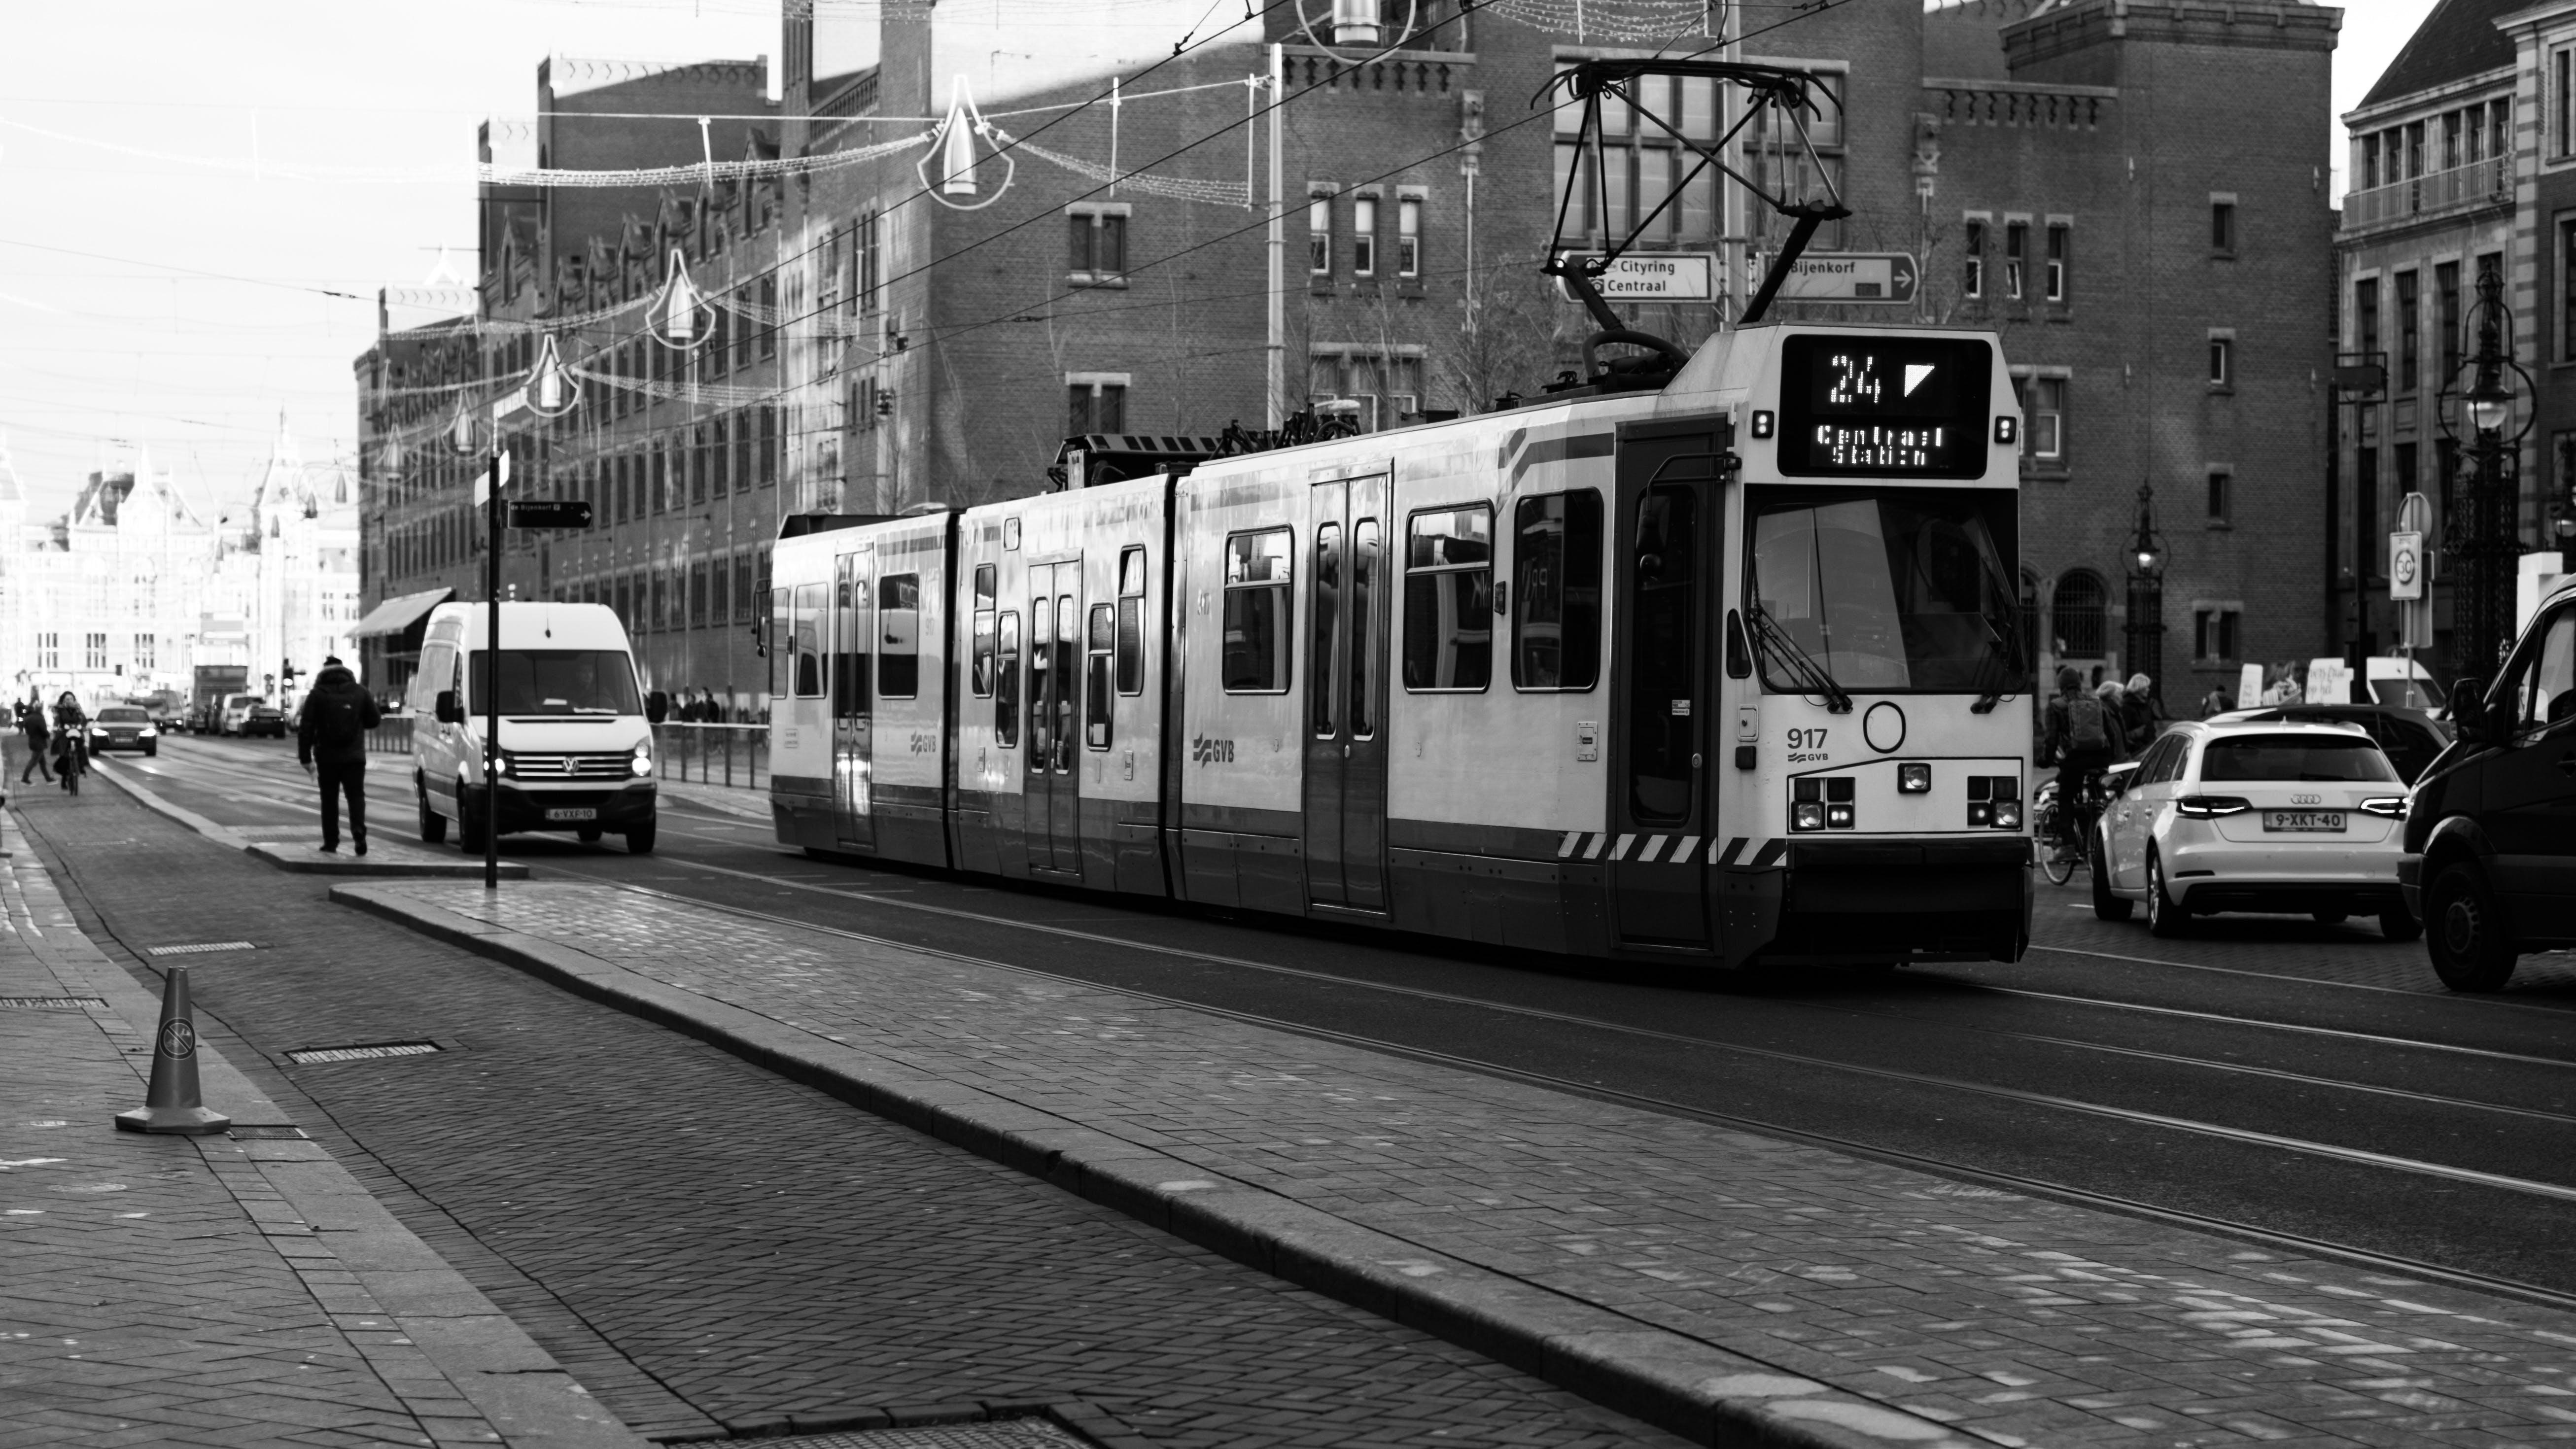 Fotos de stock gratuitas de 35 mm, amsterdam, blanco y negro, ByN